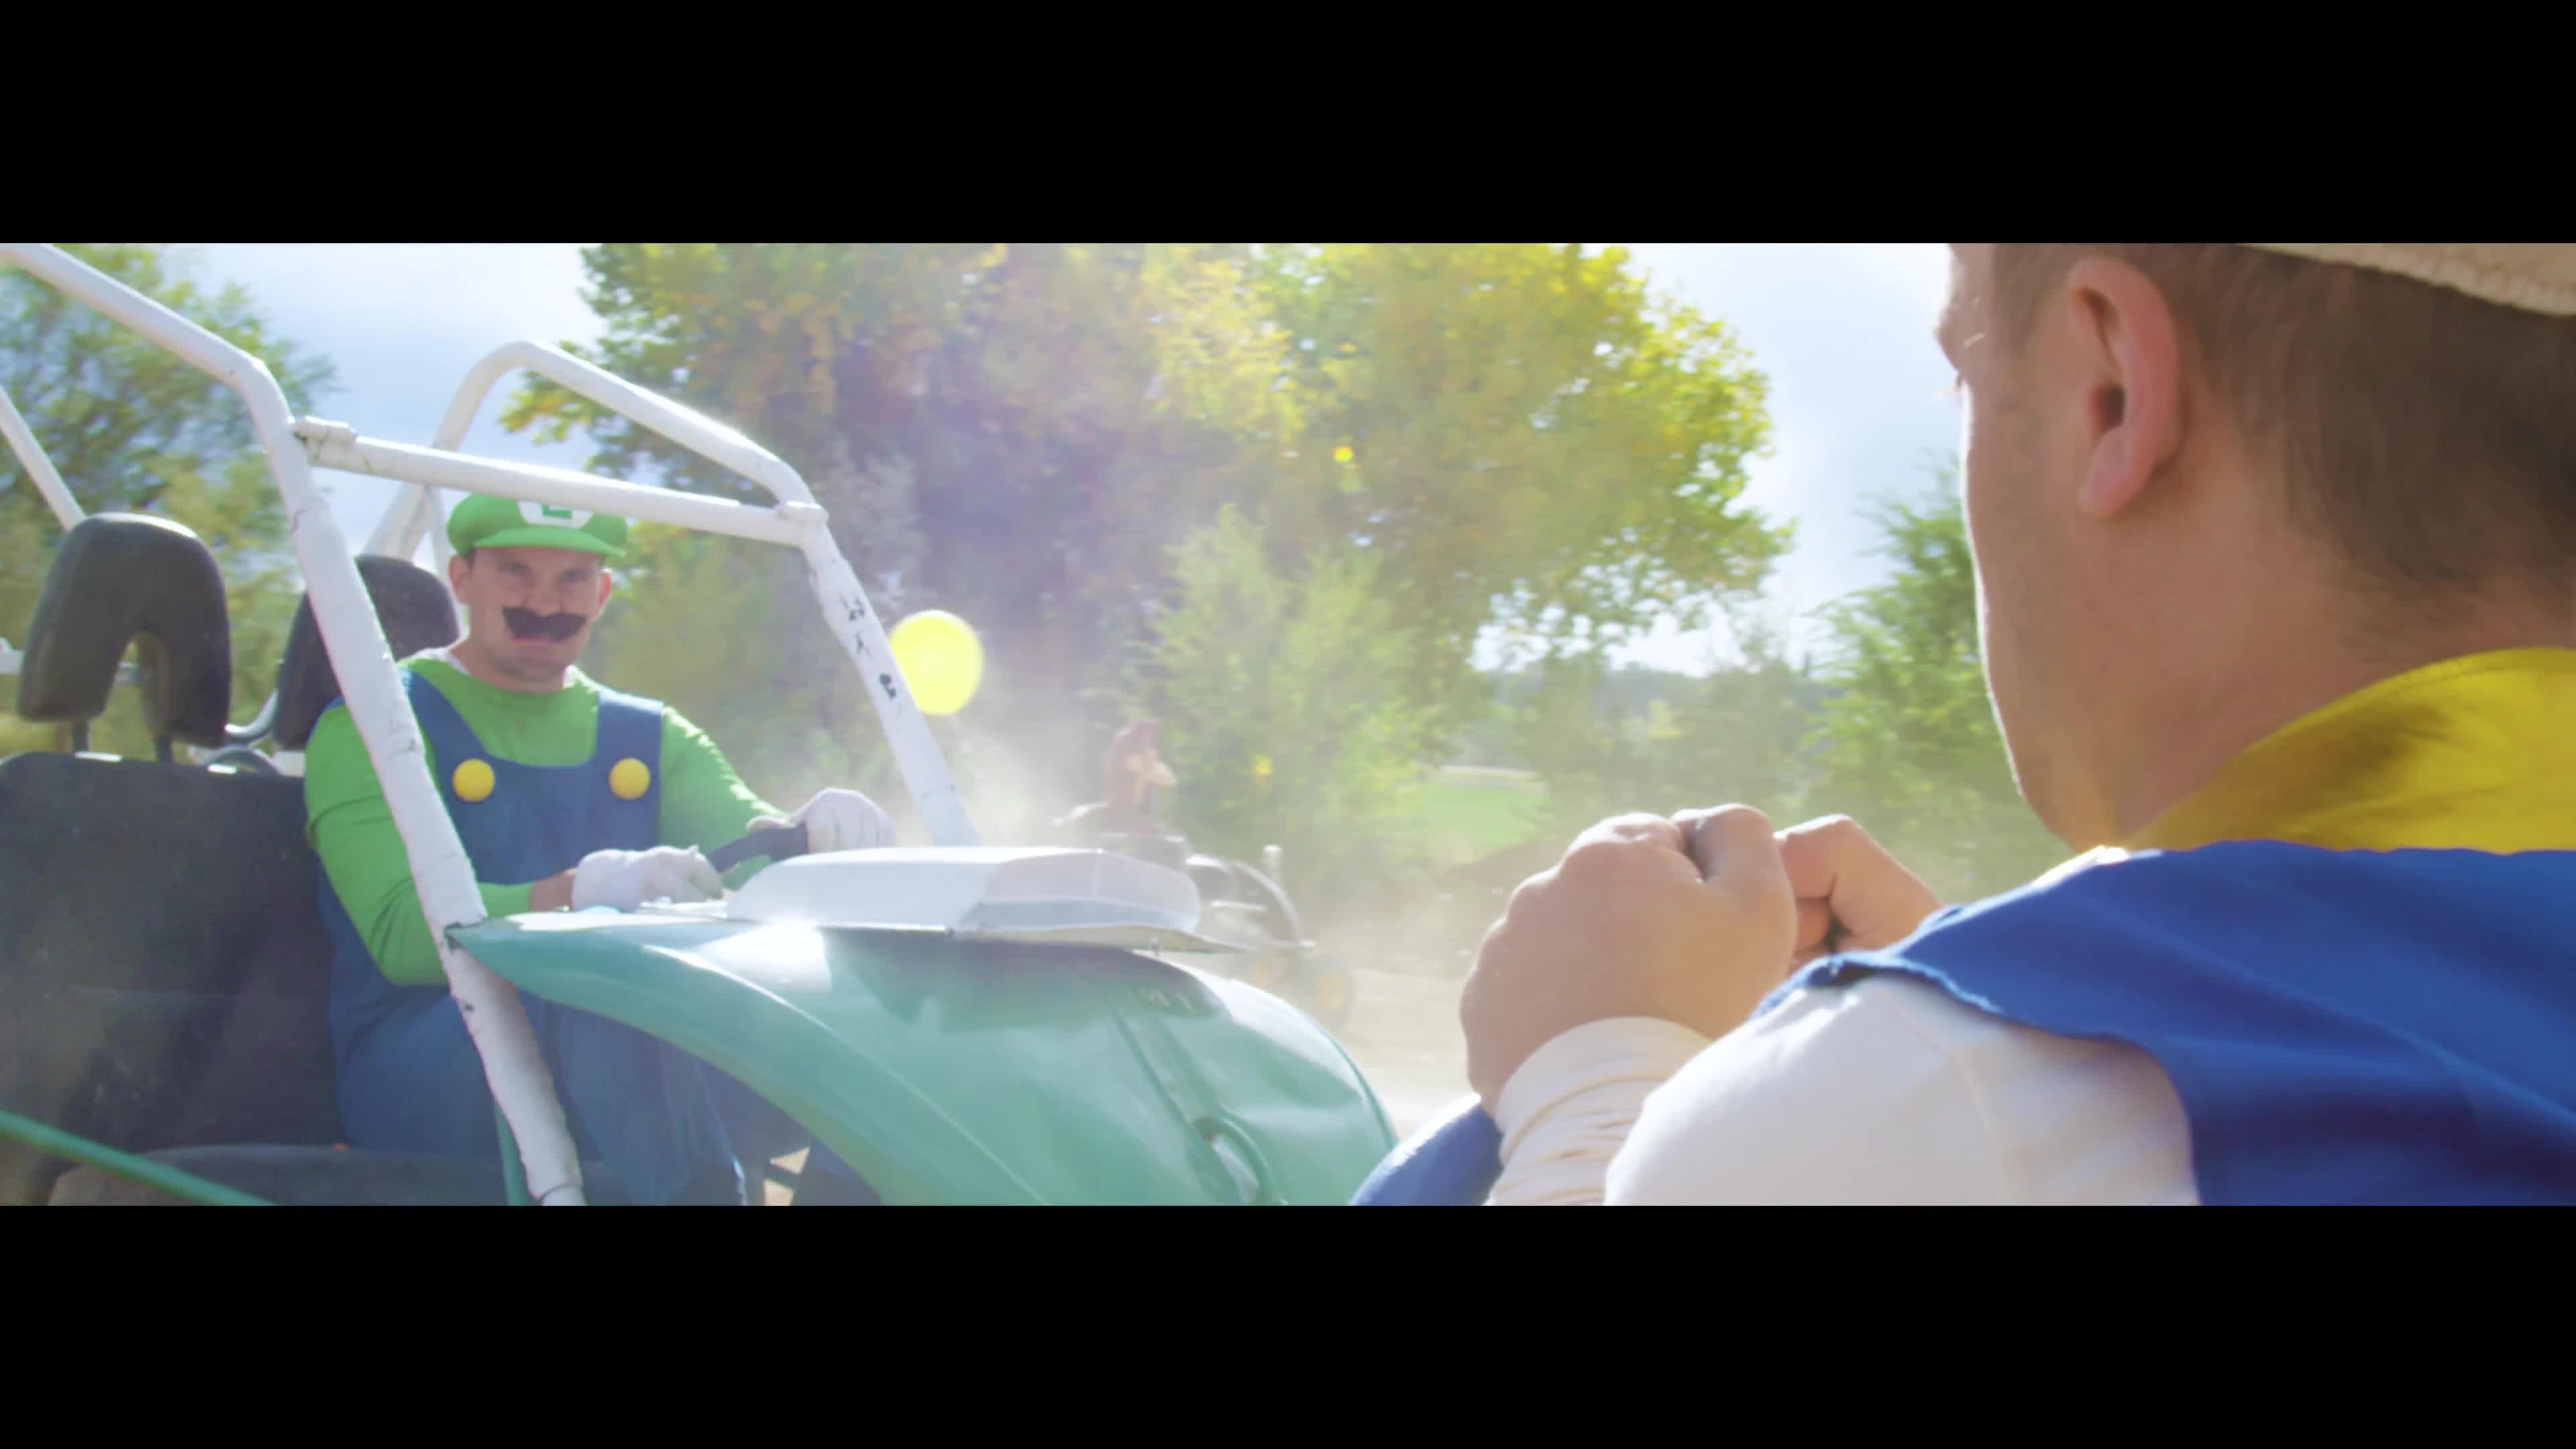 mario, mario kart, mariokart, Mario Kart in Real Life - Luigi Death Stare! GIFs